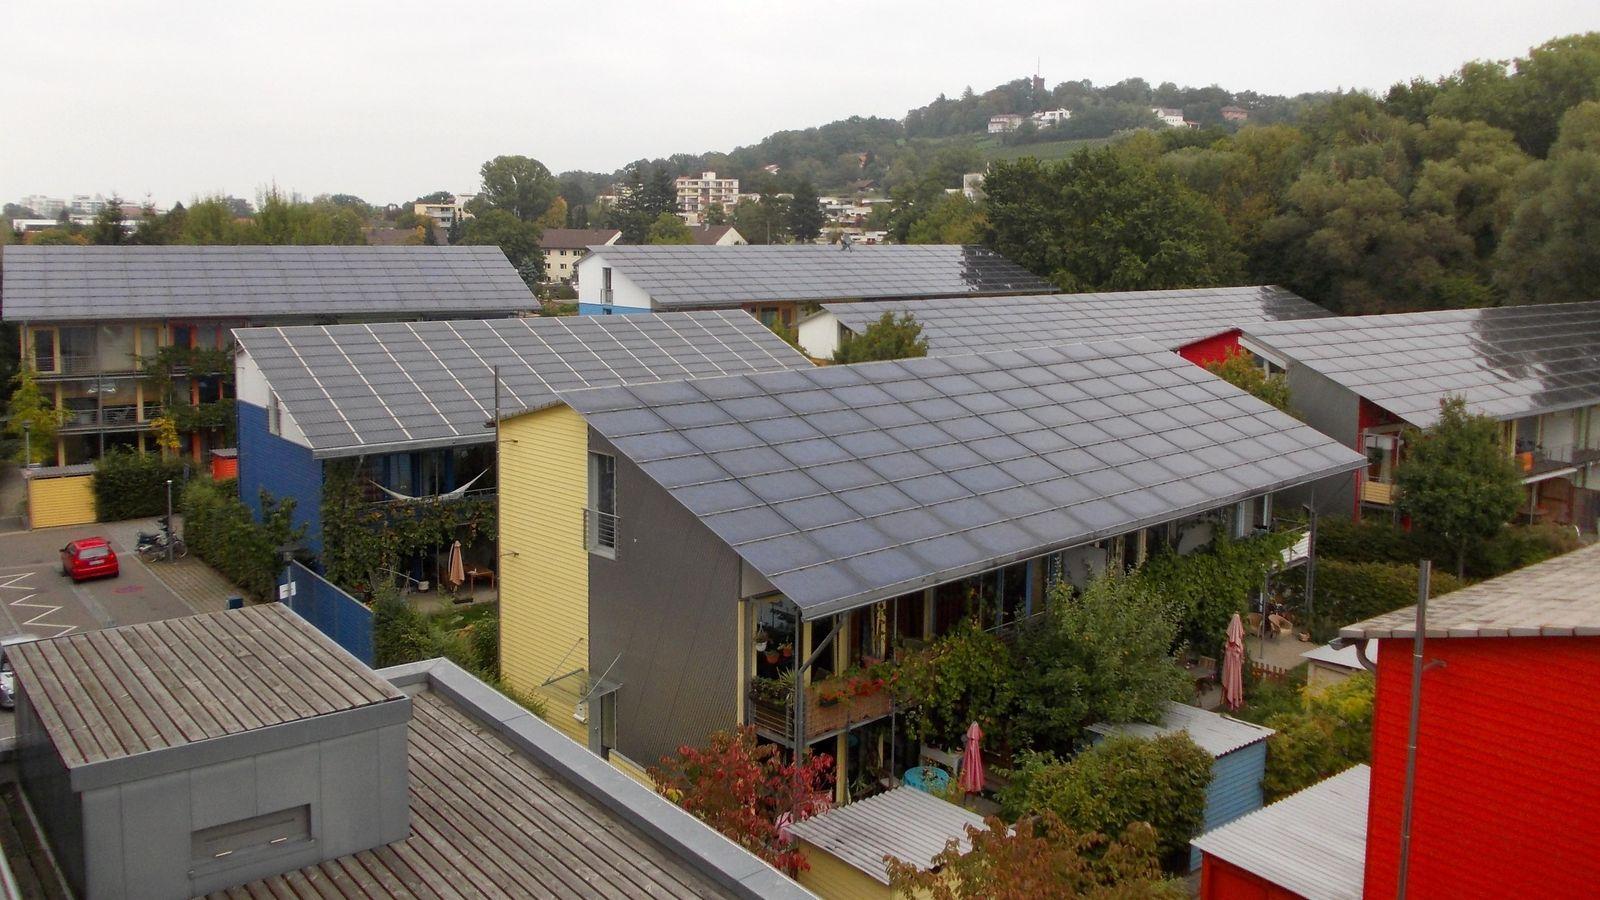 Foto: Viviendas sostenibles alimentadas mediante energía solar en un 'barrio ecológico' en Friburgo, Alemania. (Foto: Arnold Plesse / Wikipedia)